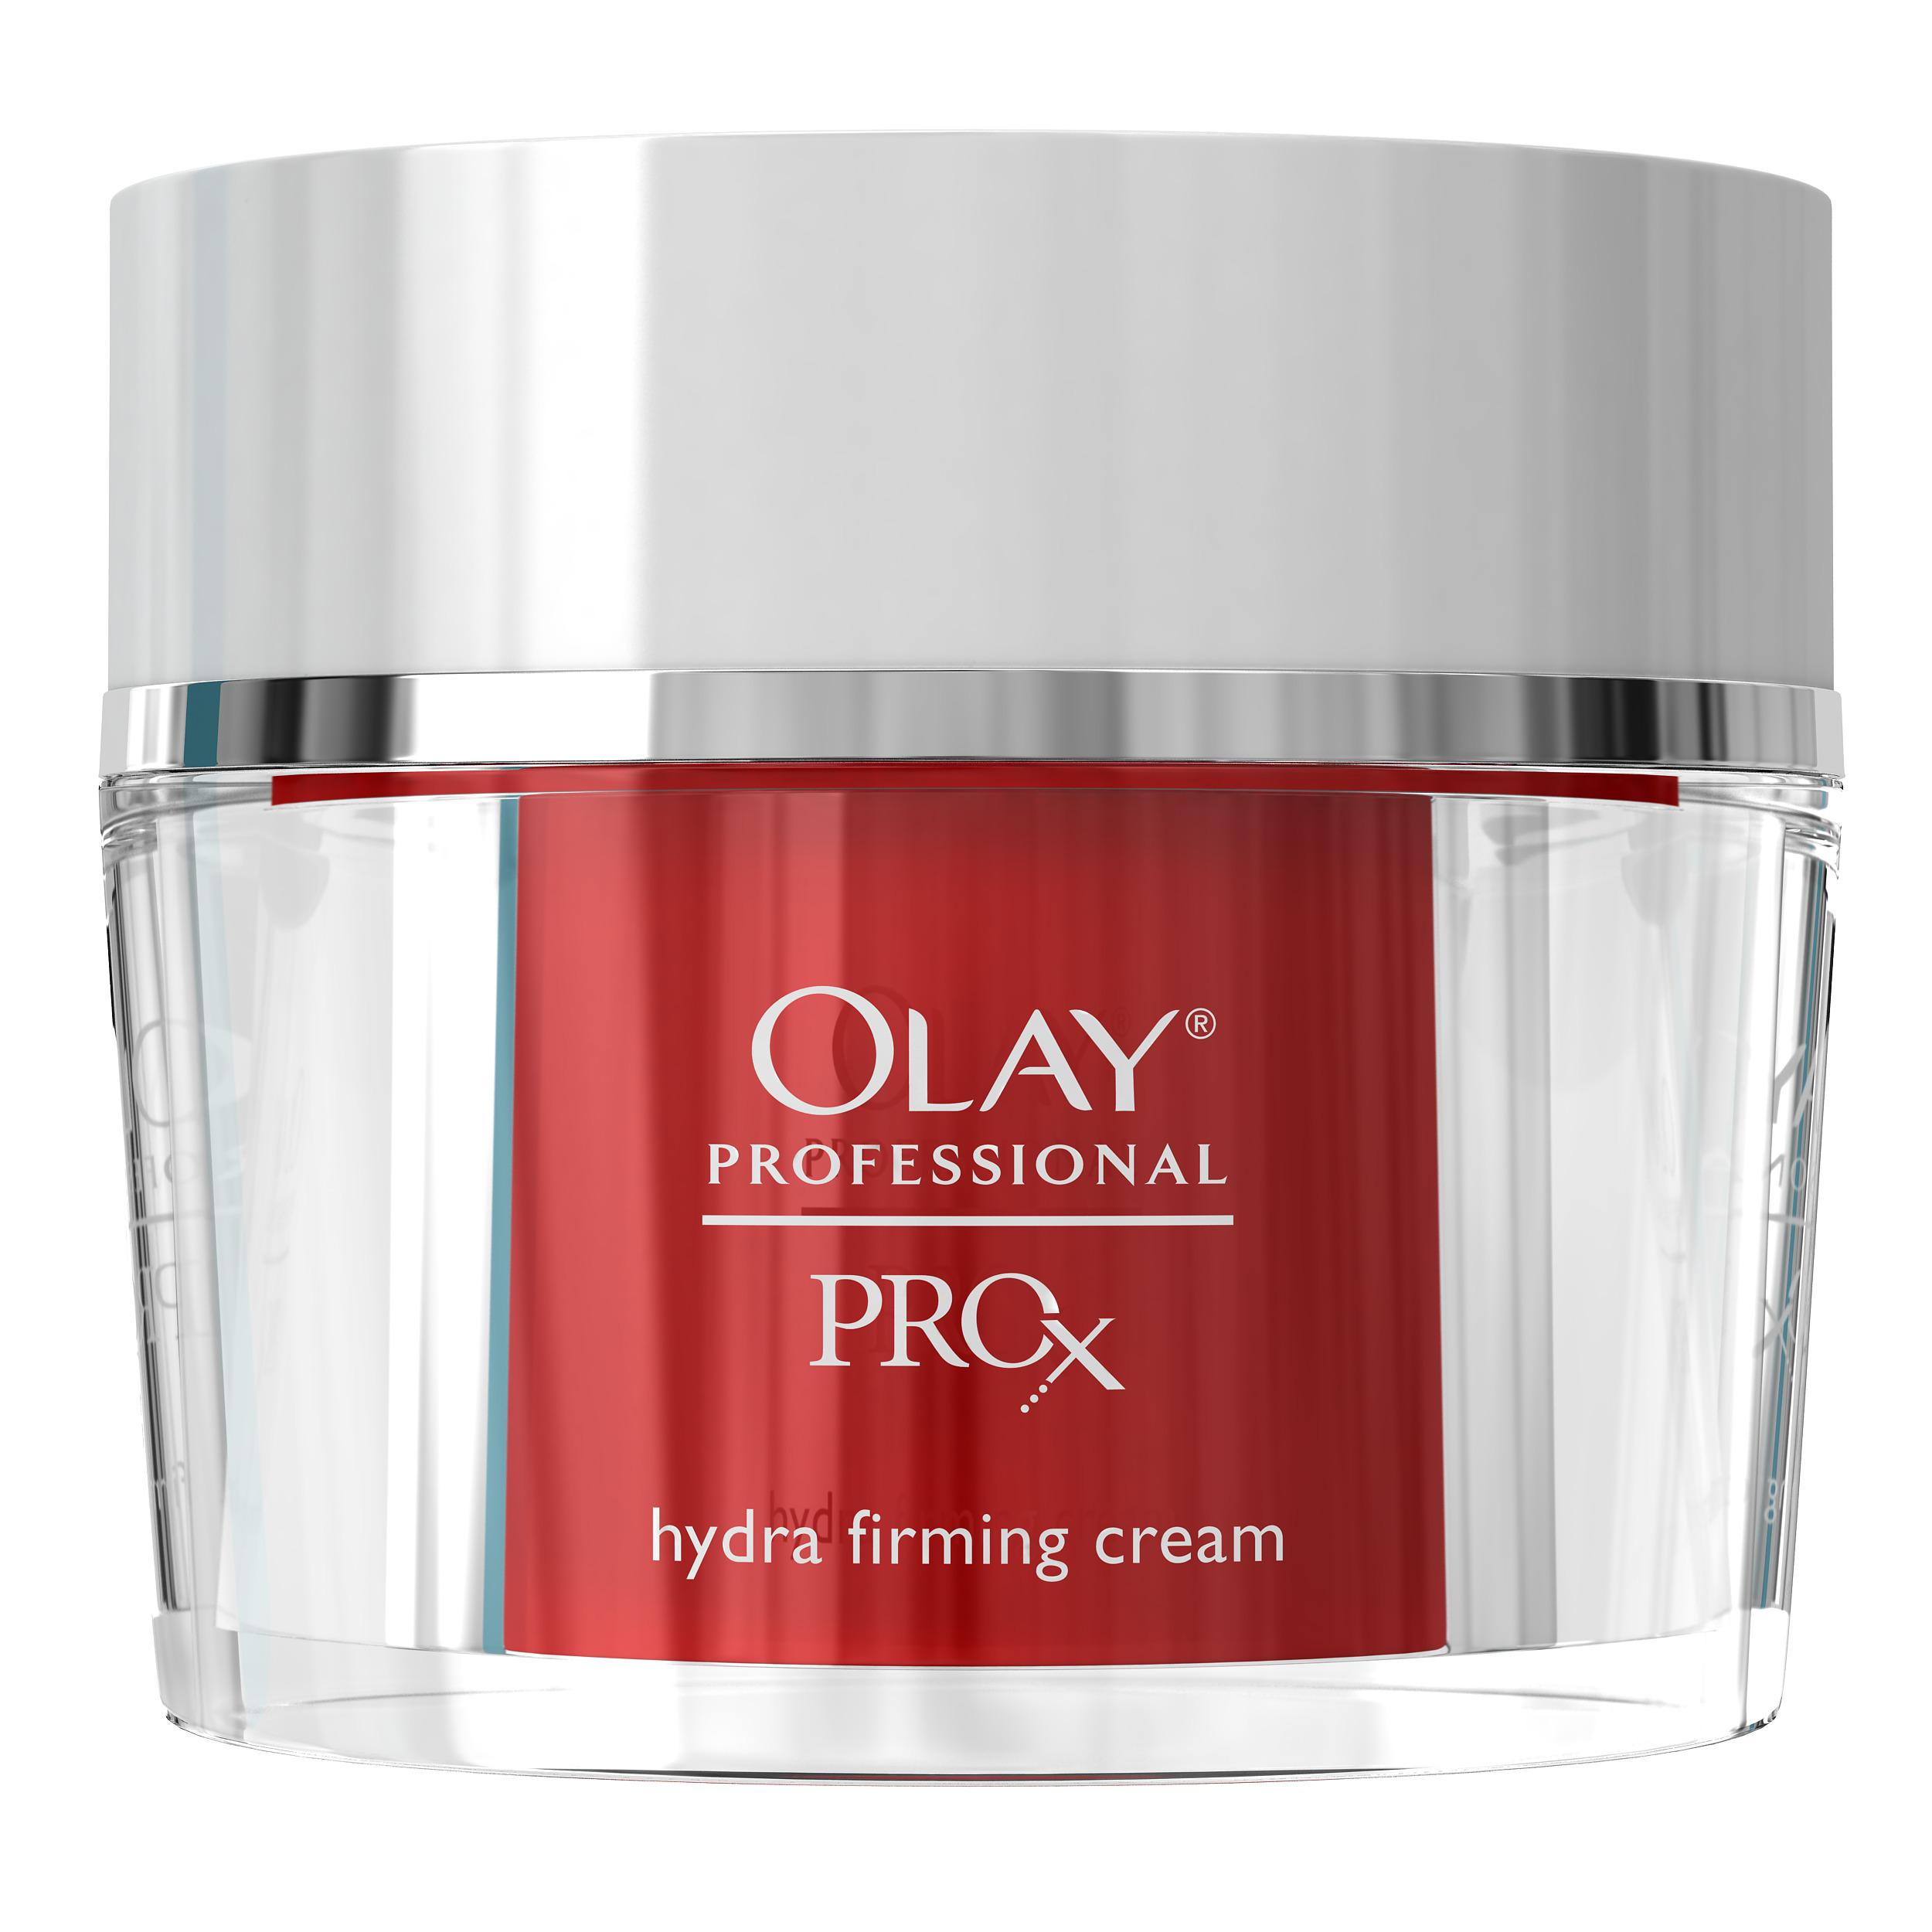 Olay ProX Hydra Firming Cream